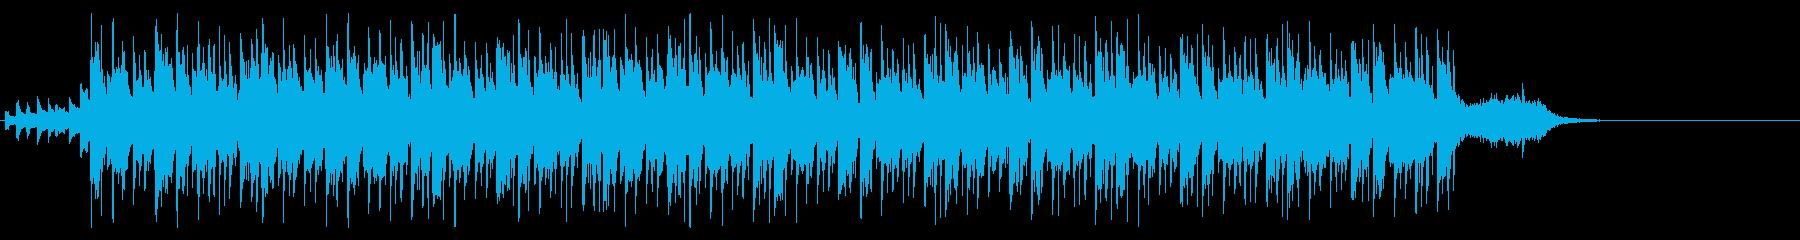 オープニング・エンディング・ジングル等にの再生済みの波形